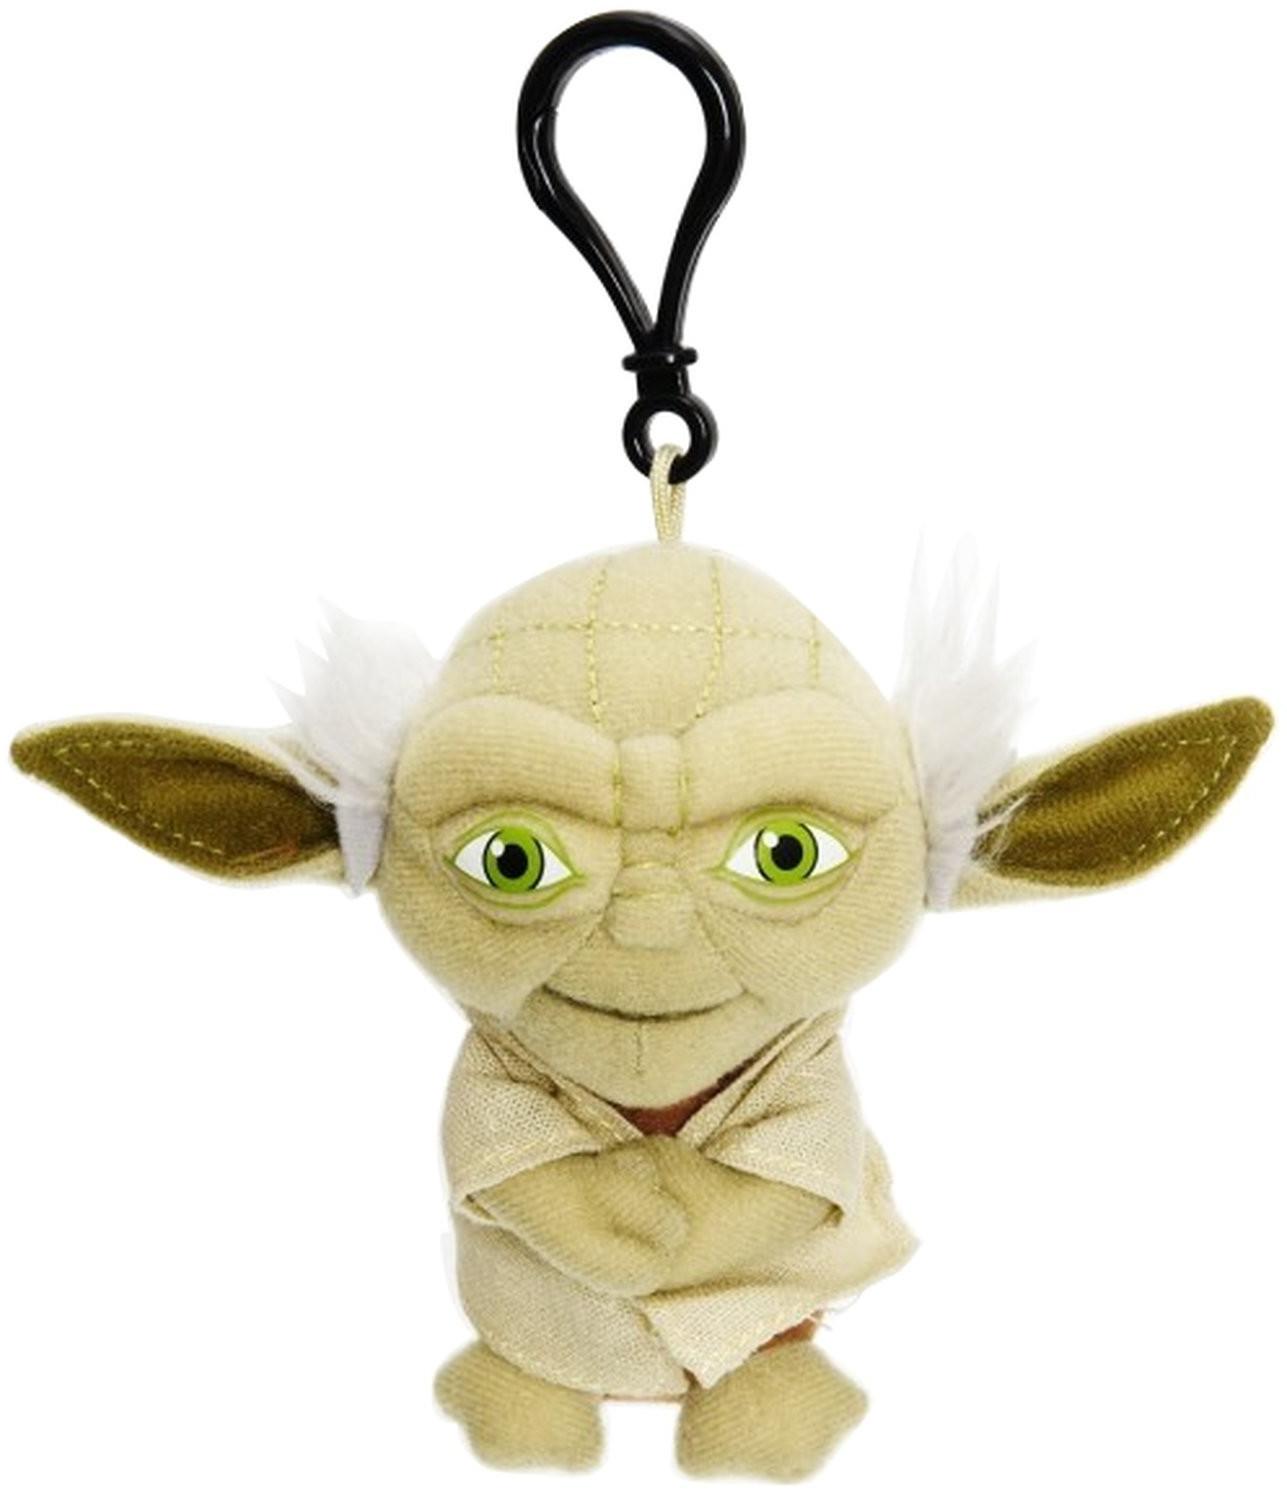 Joy Toy Star Wars - Yoda sprechender Schlüsselanhänger 10 cm